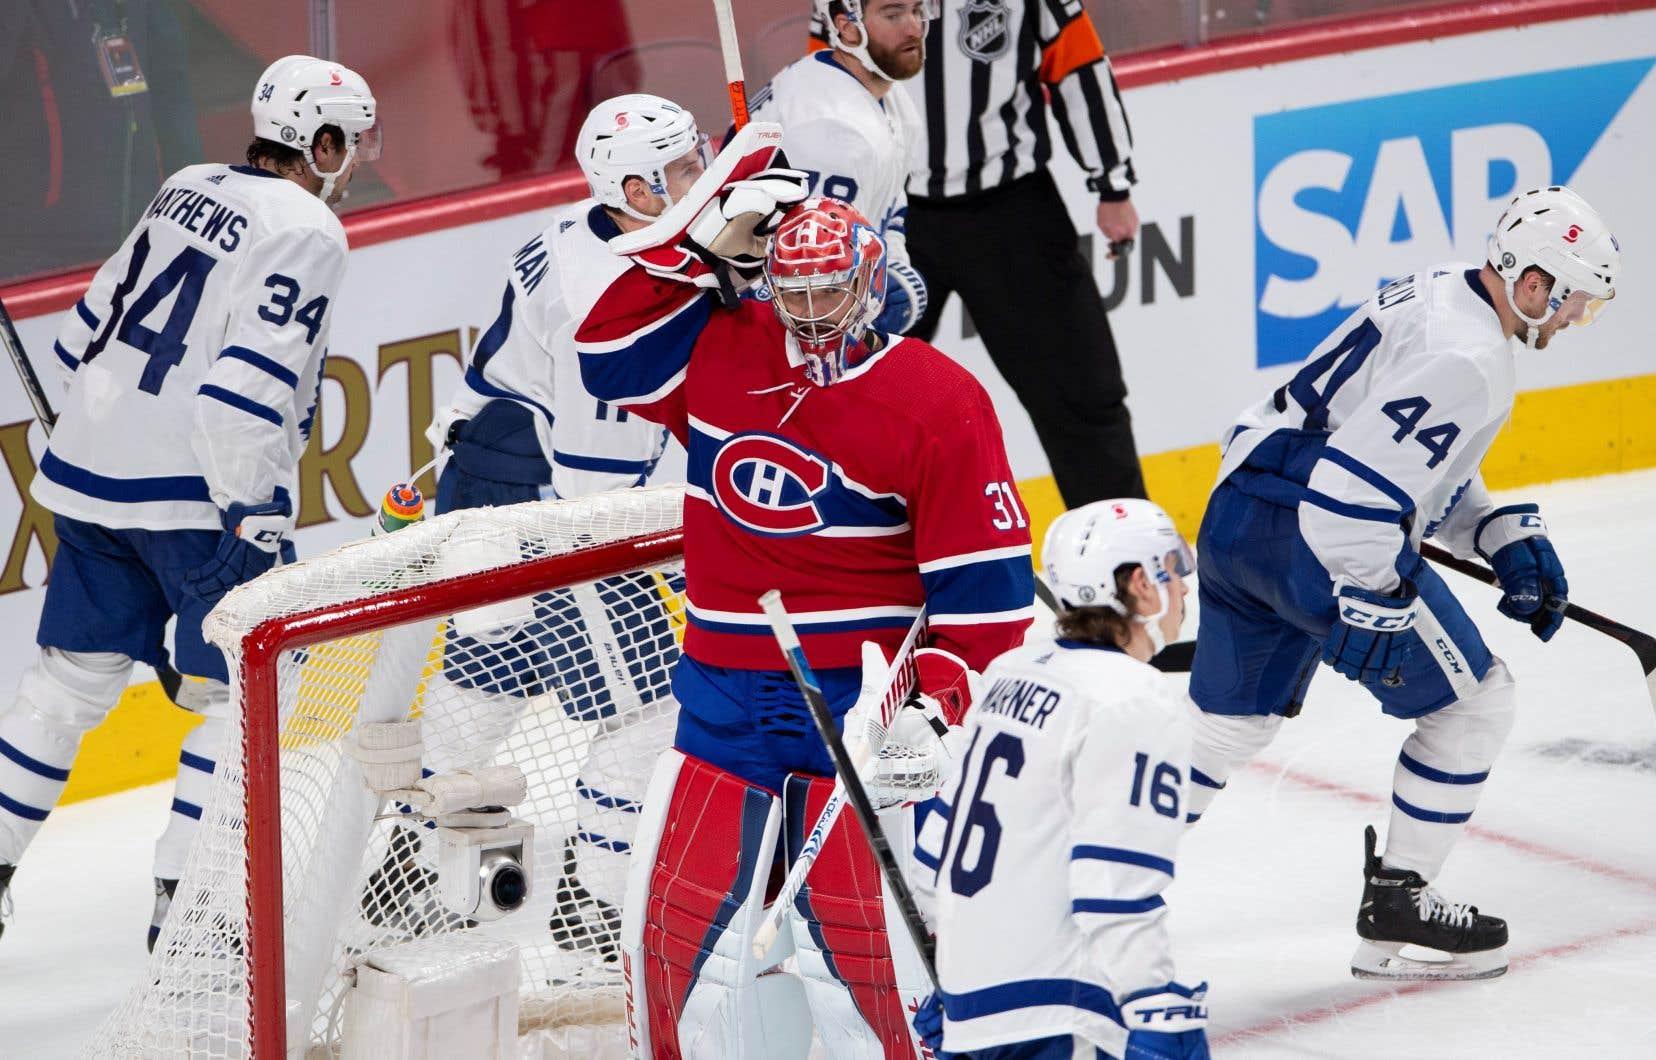 Le gardien Carey Price a réalisé 27 arrêts, ce qui n'a toutefois pas empêché les Maple Leafs de prendre les commandes de la série.